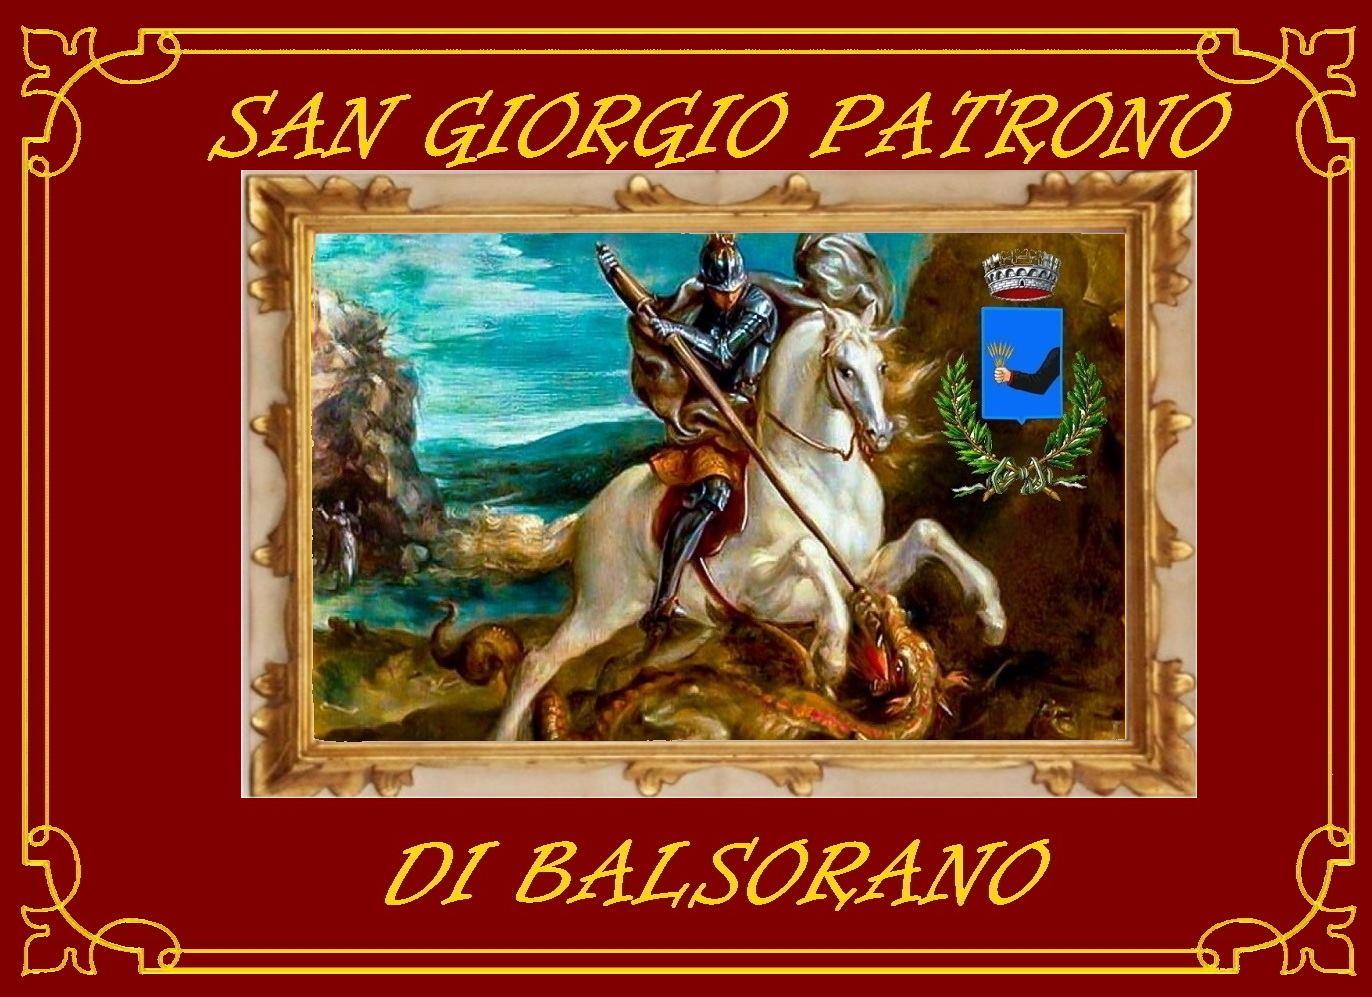 Balsorano festeggia il suo Patrono San Giorgio con un drappo rosso e dorato nelle finestre delle abitazioni